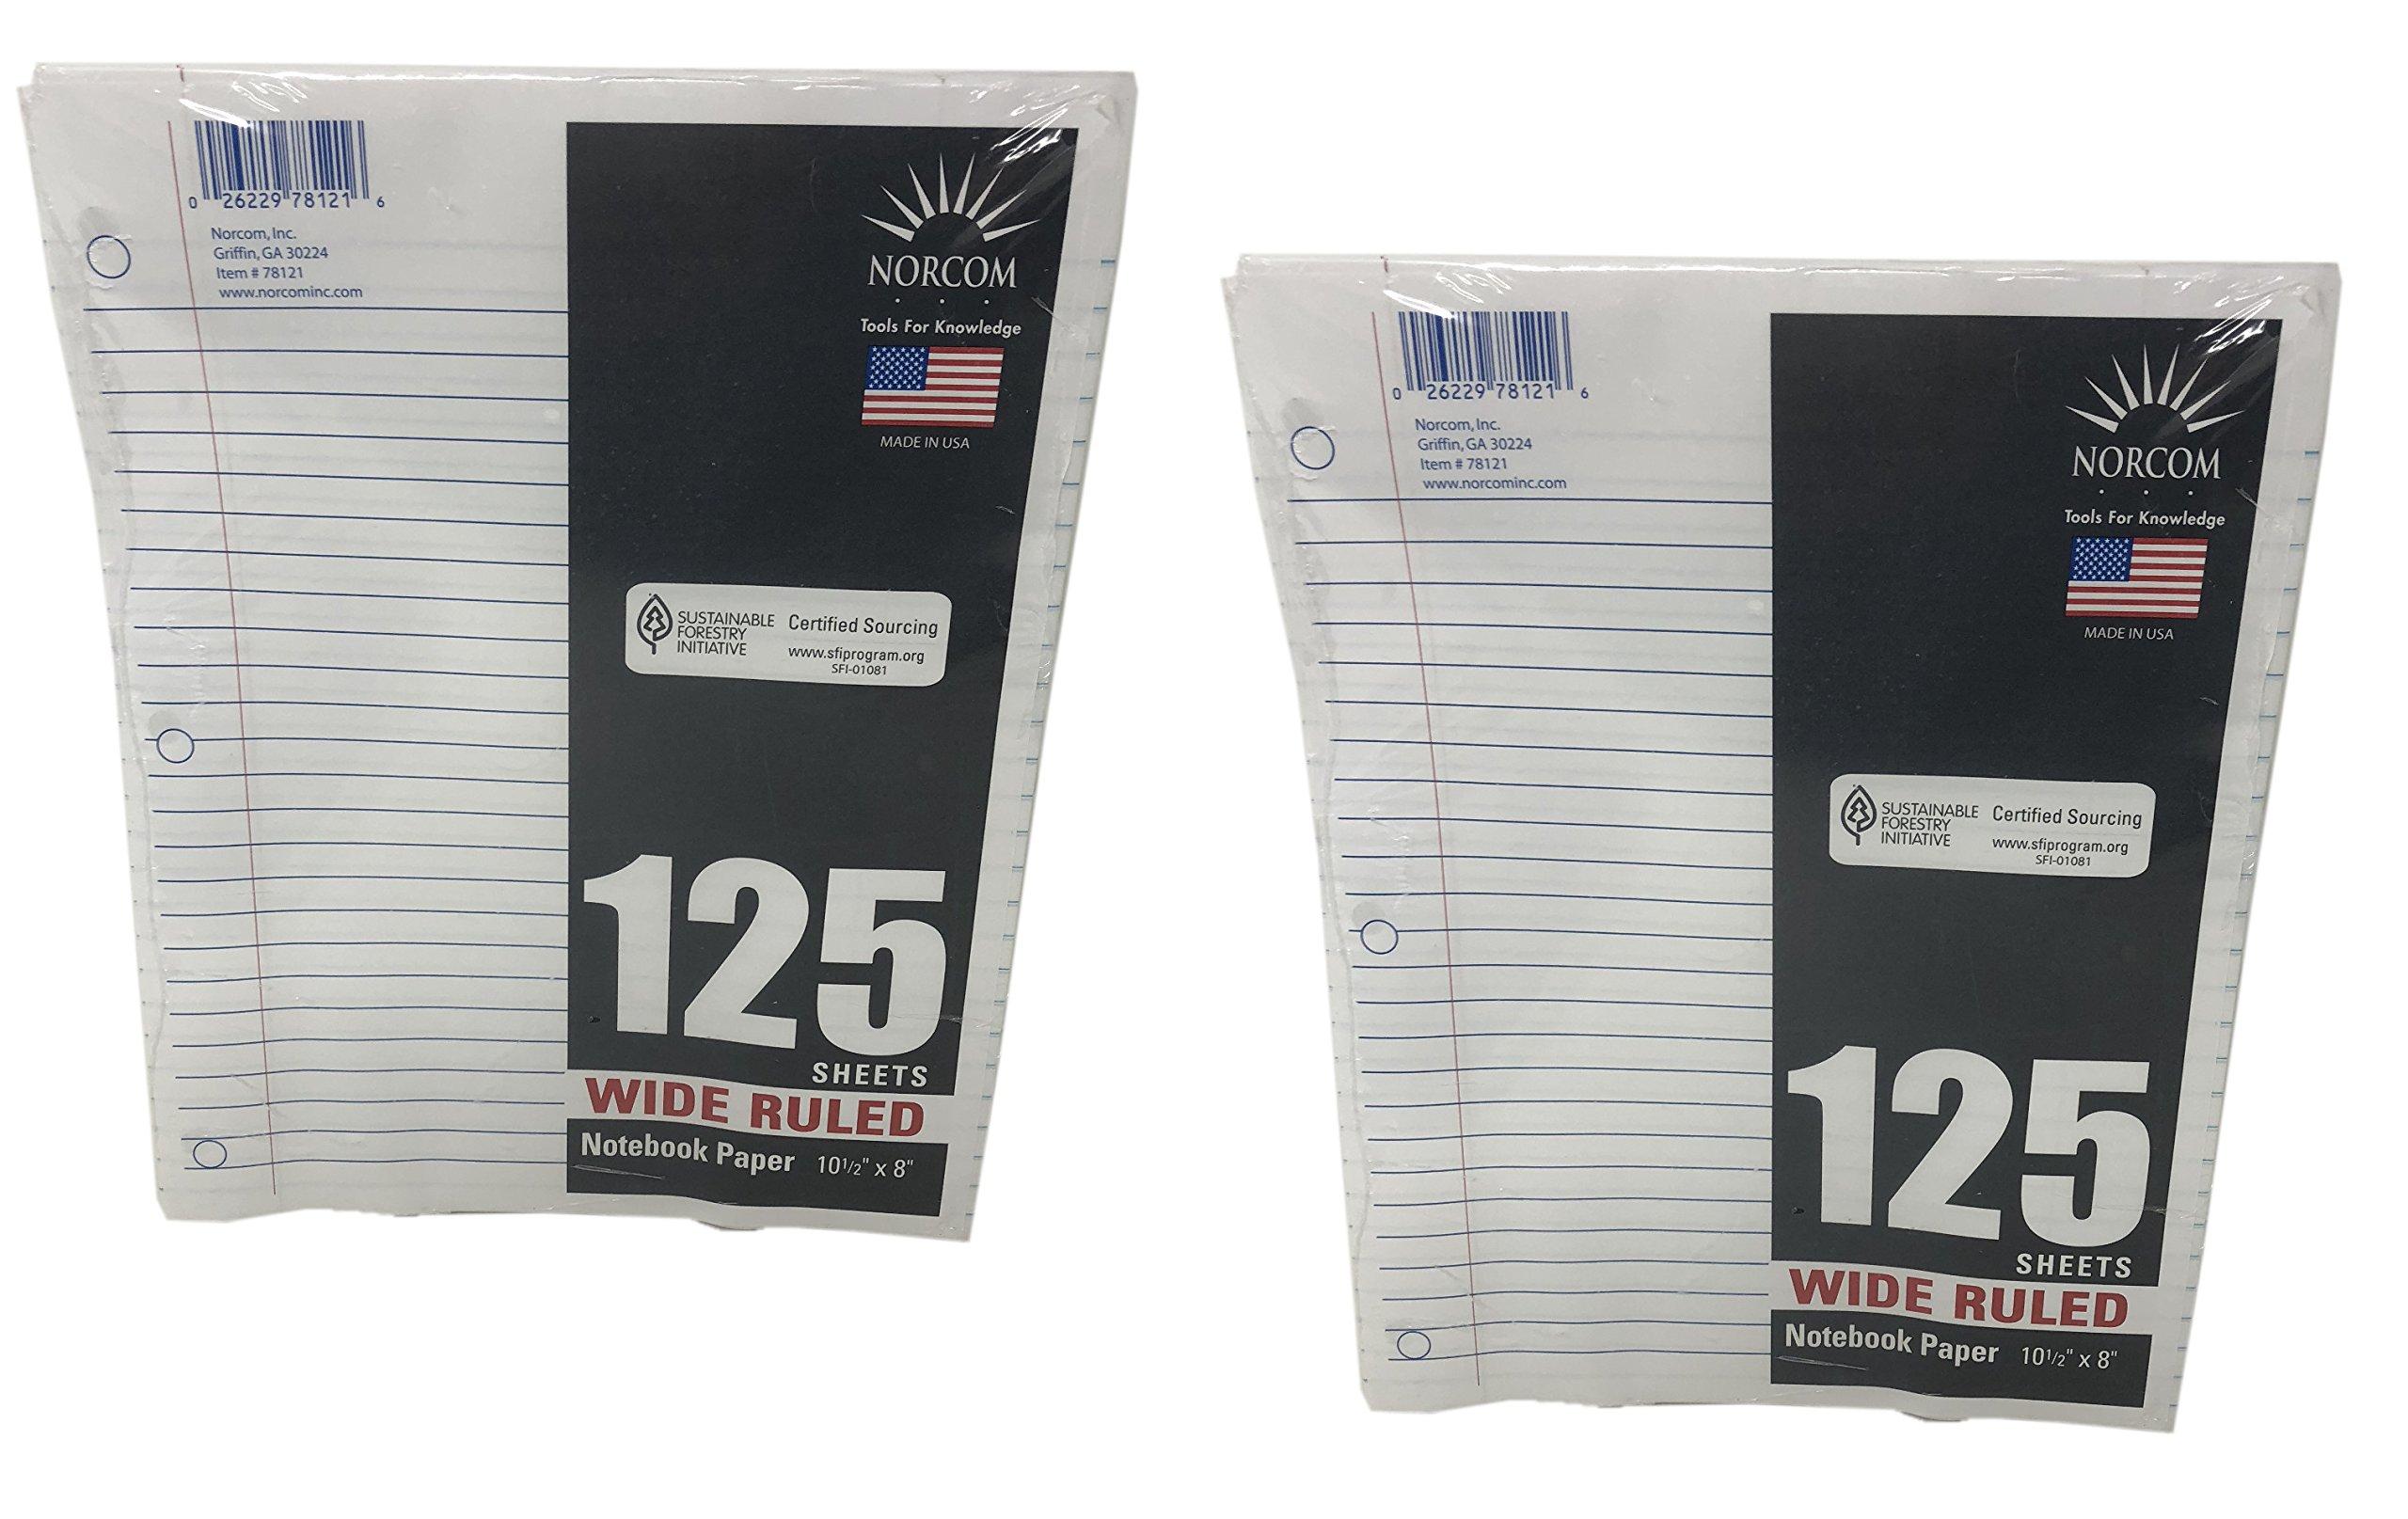 Norcom Loose-Leaf Filler Notebook Paper, 250 Sheets (Wide Ruled)